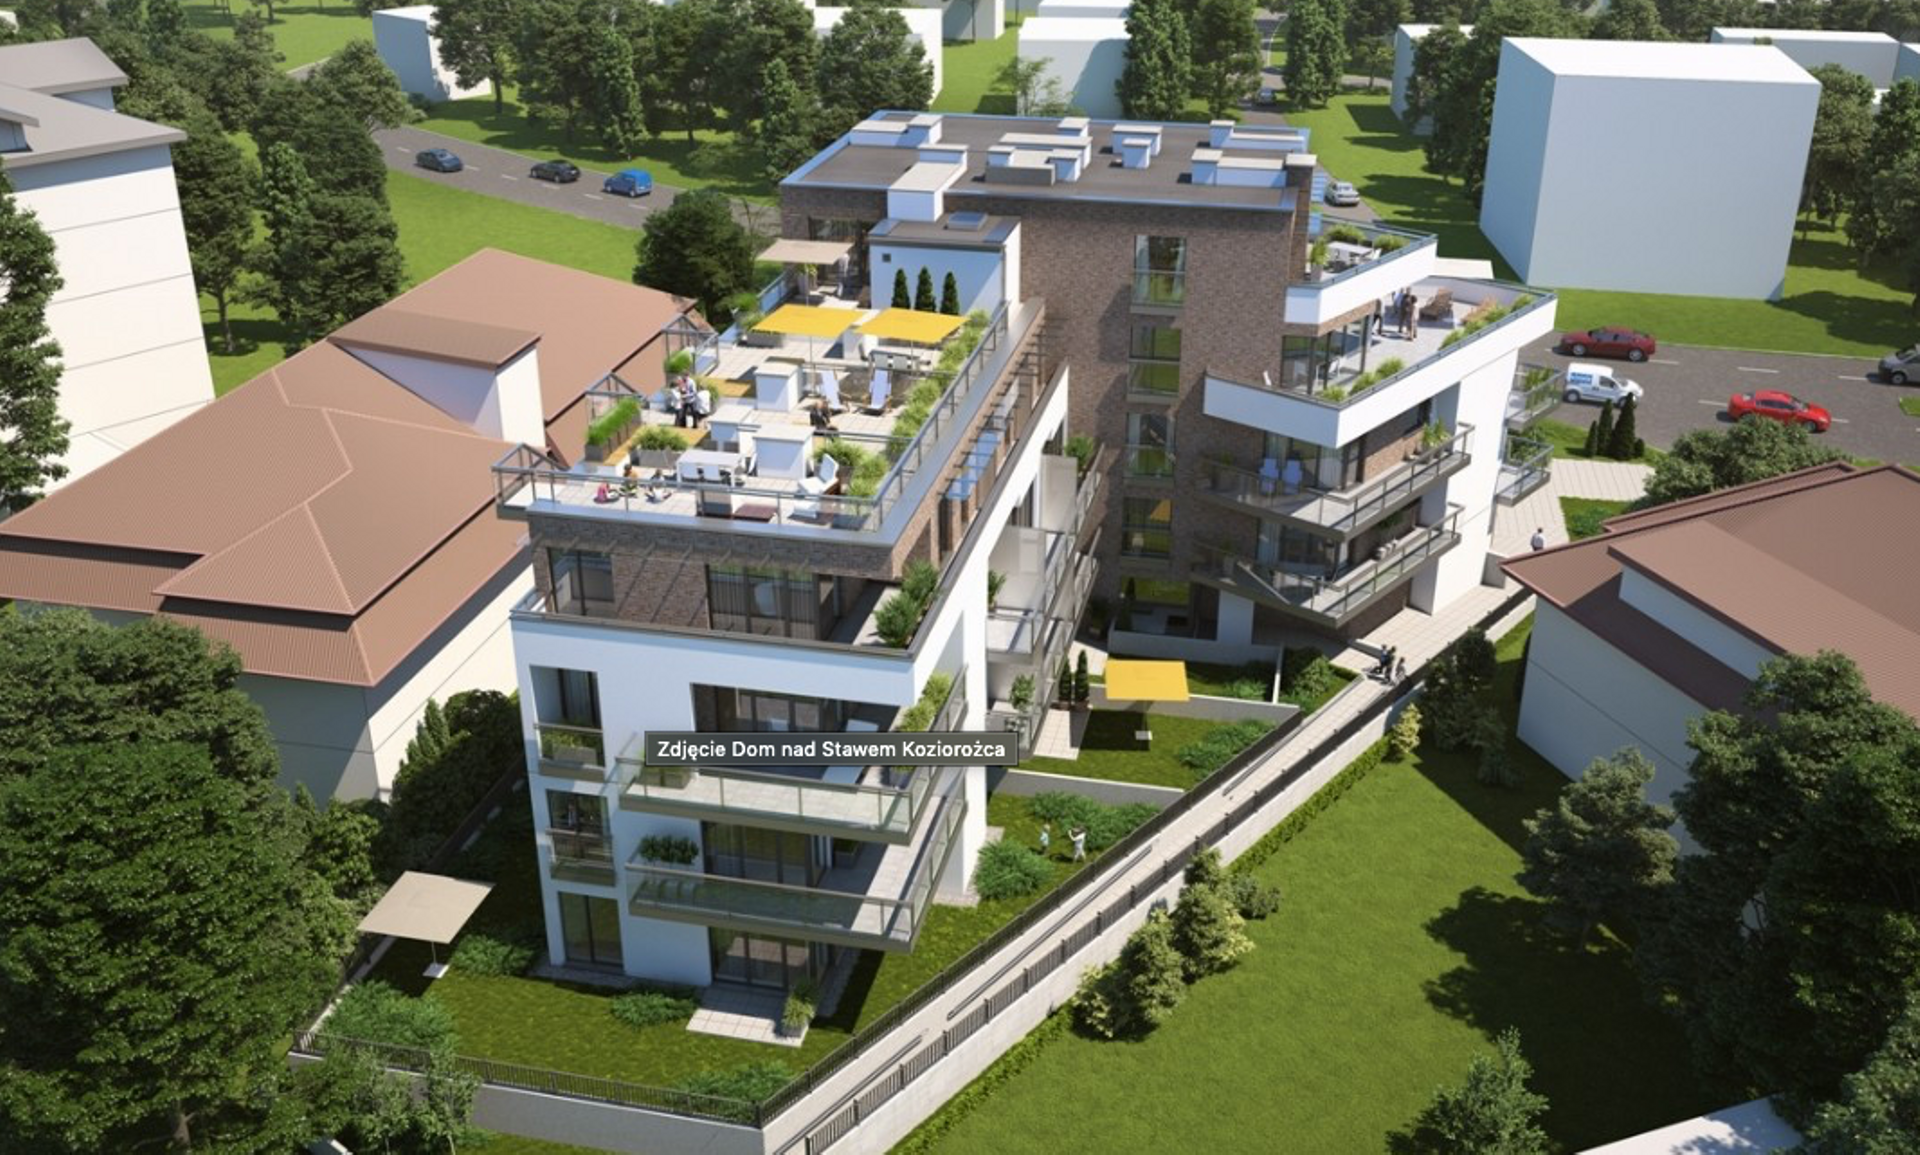 Warszawa: Dom nad Stawem Koziorożca – powstają mieszkania przy parku i nad wodą